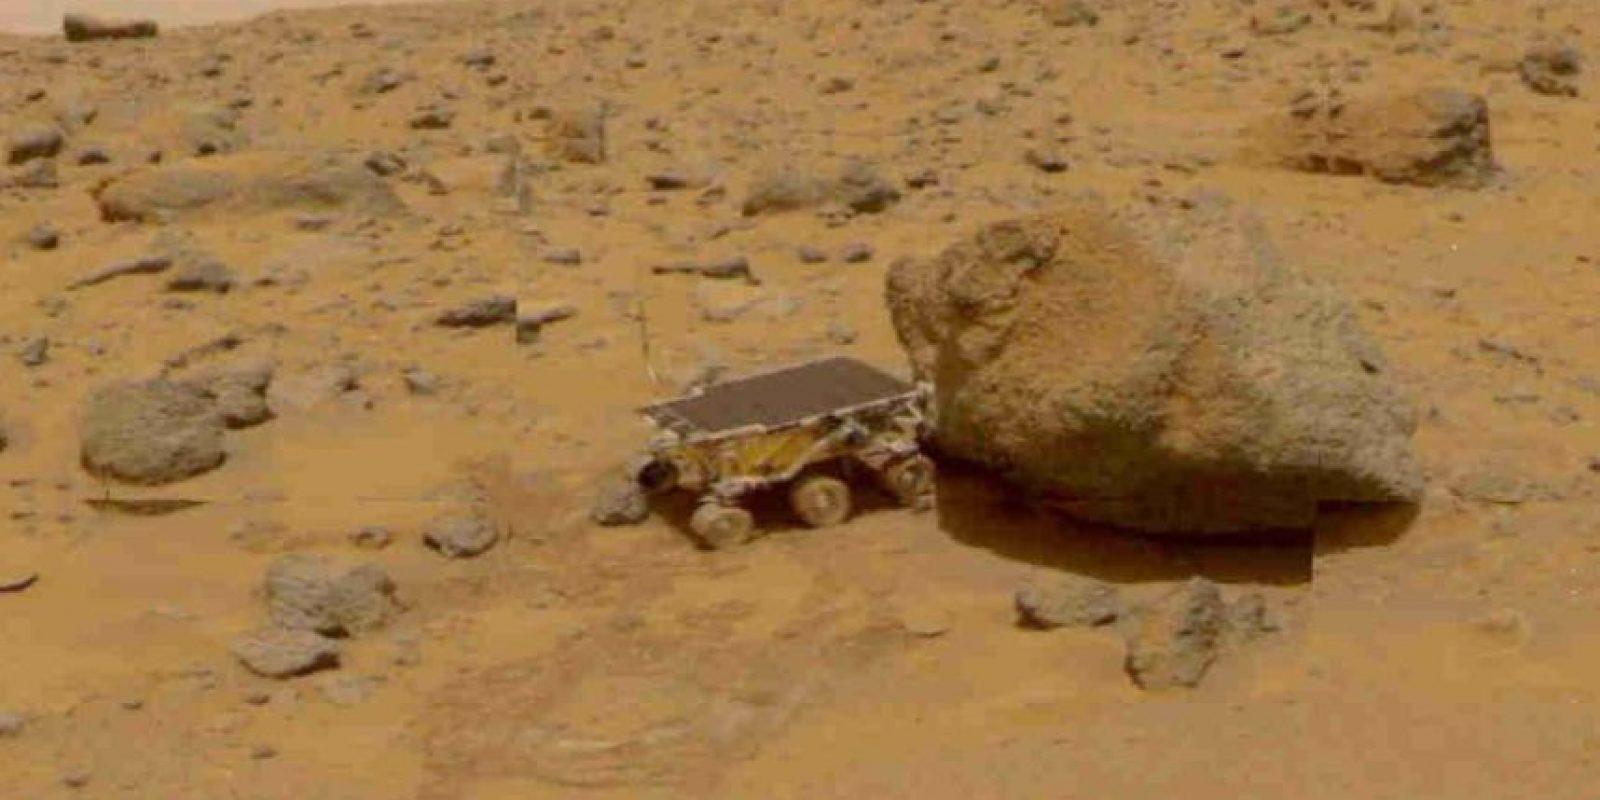 Ningún ser humano ha pisado Marte. Foto:Getty Images